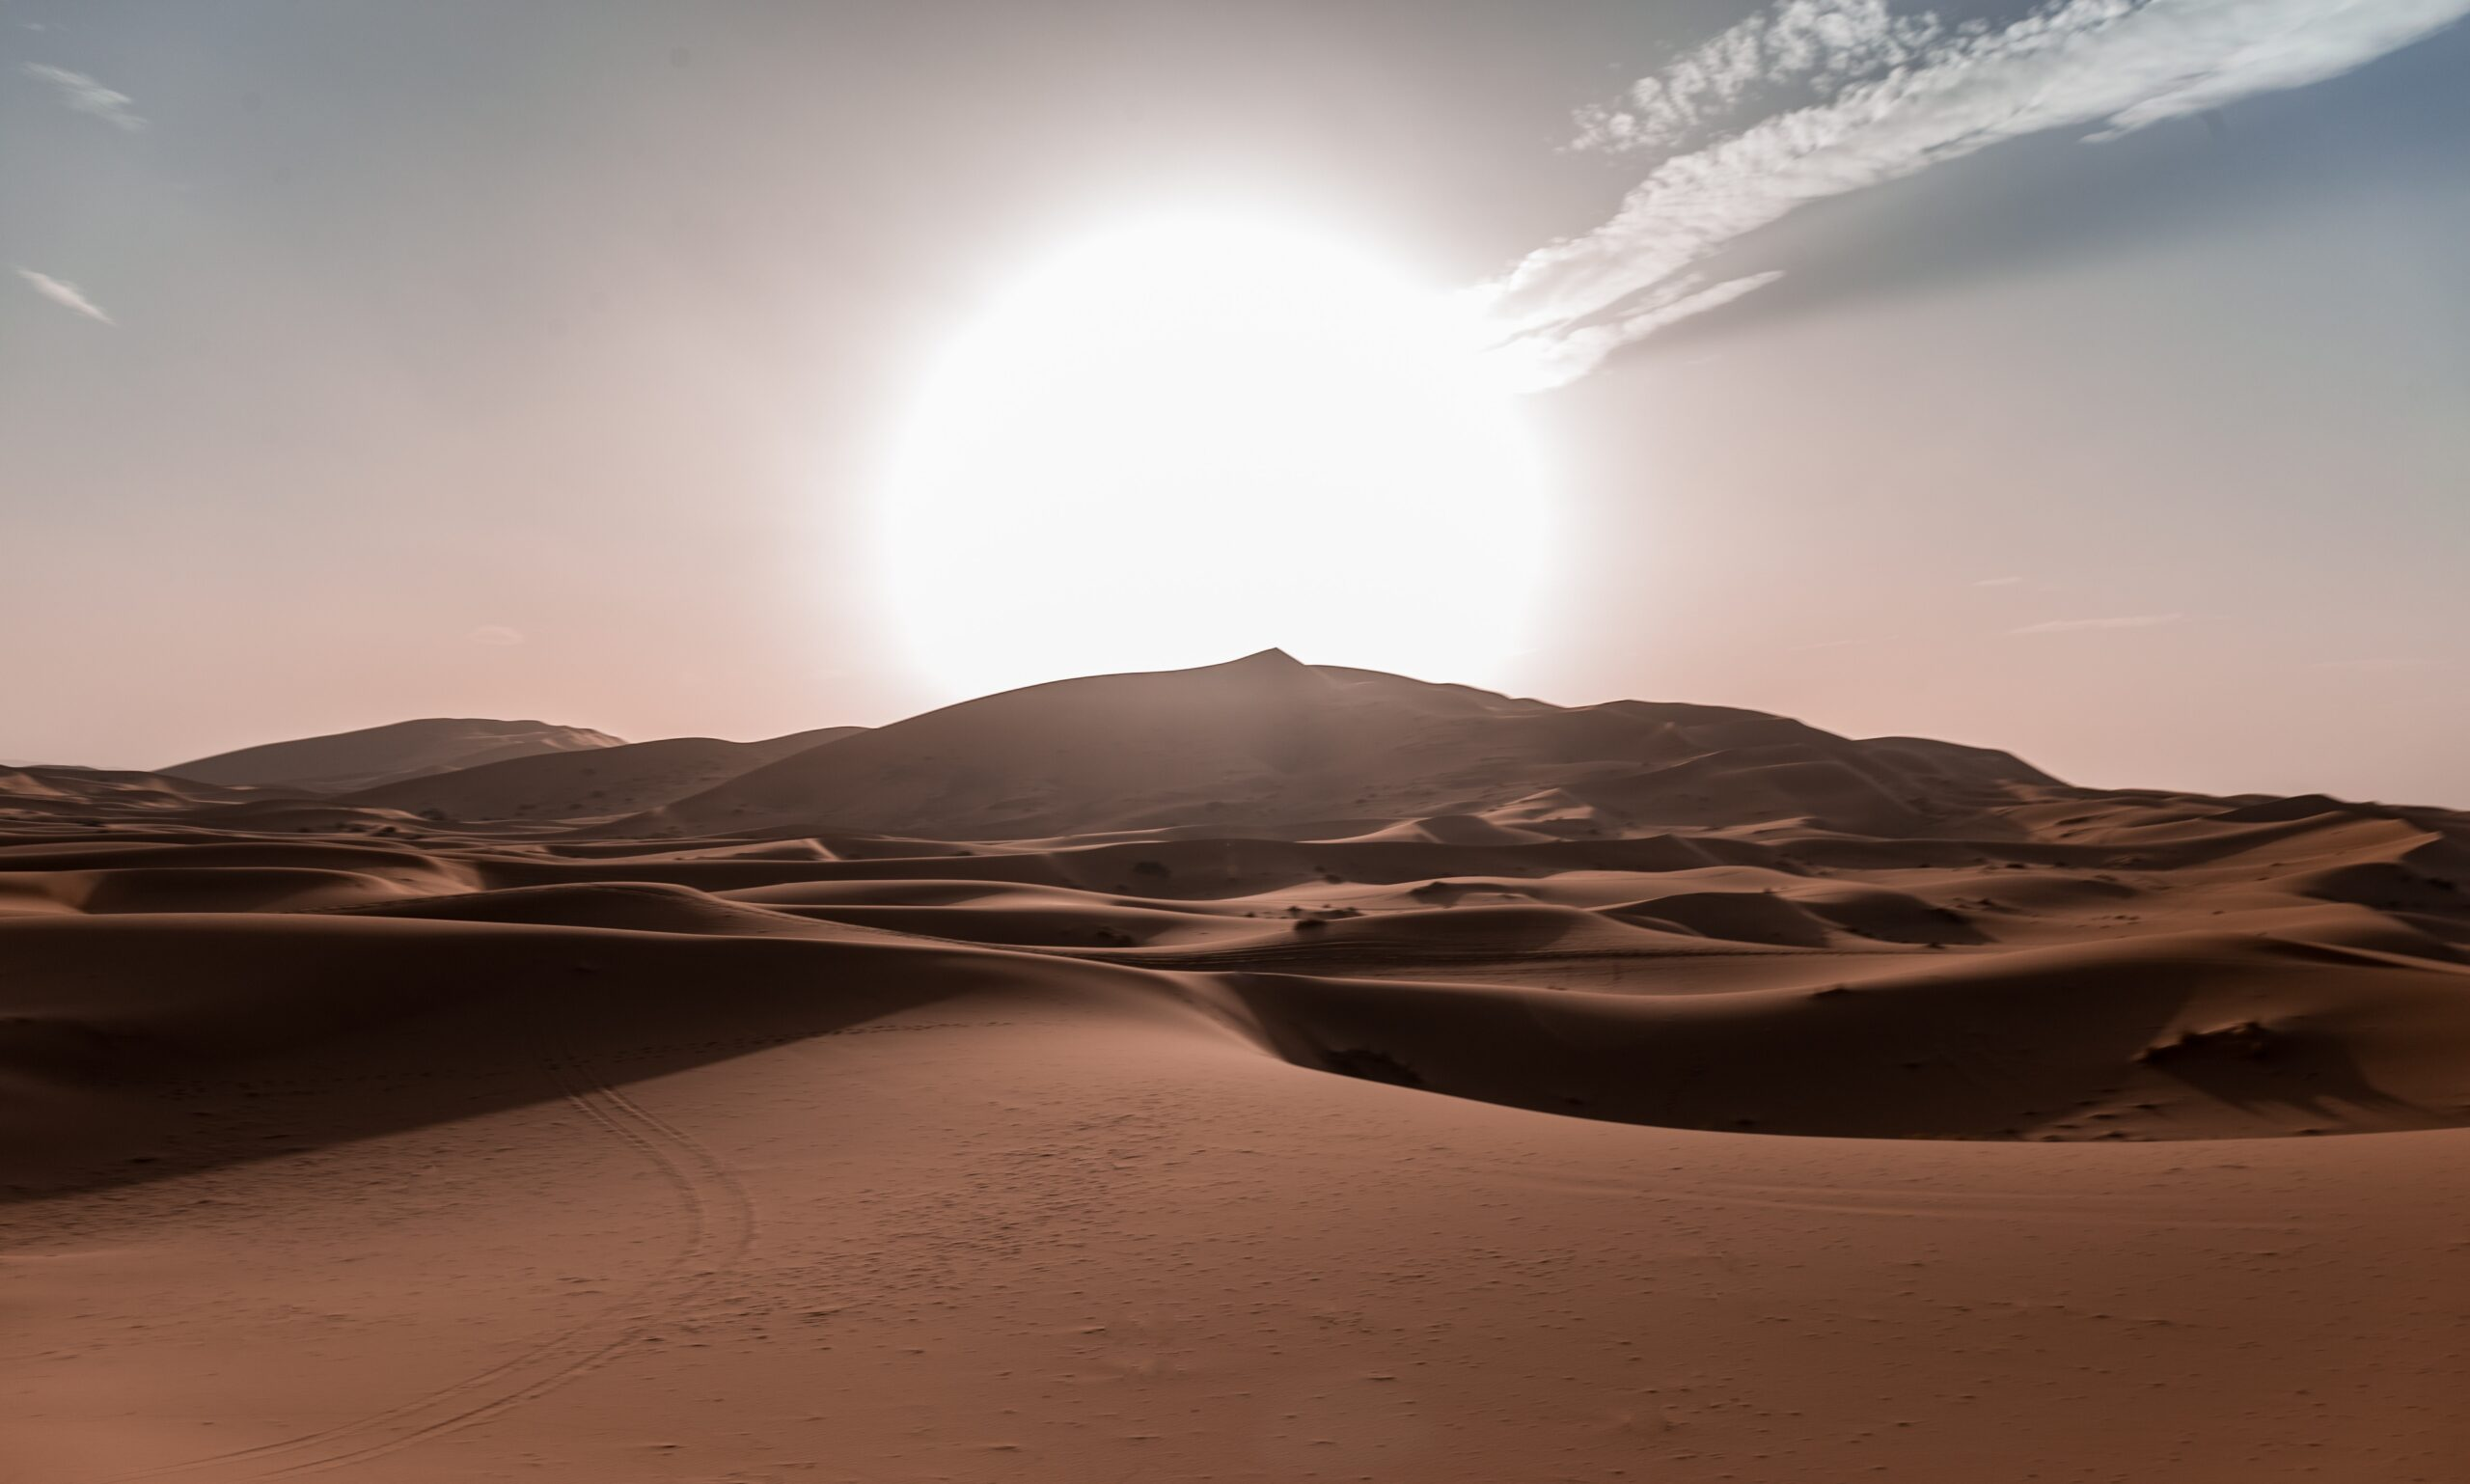 Imagen de fondo de Media Luna Roja Saharaui